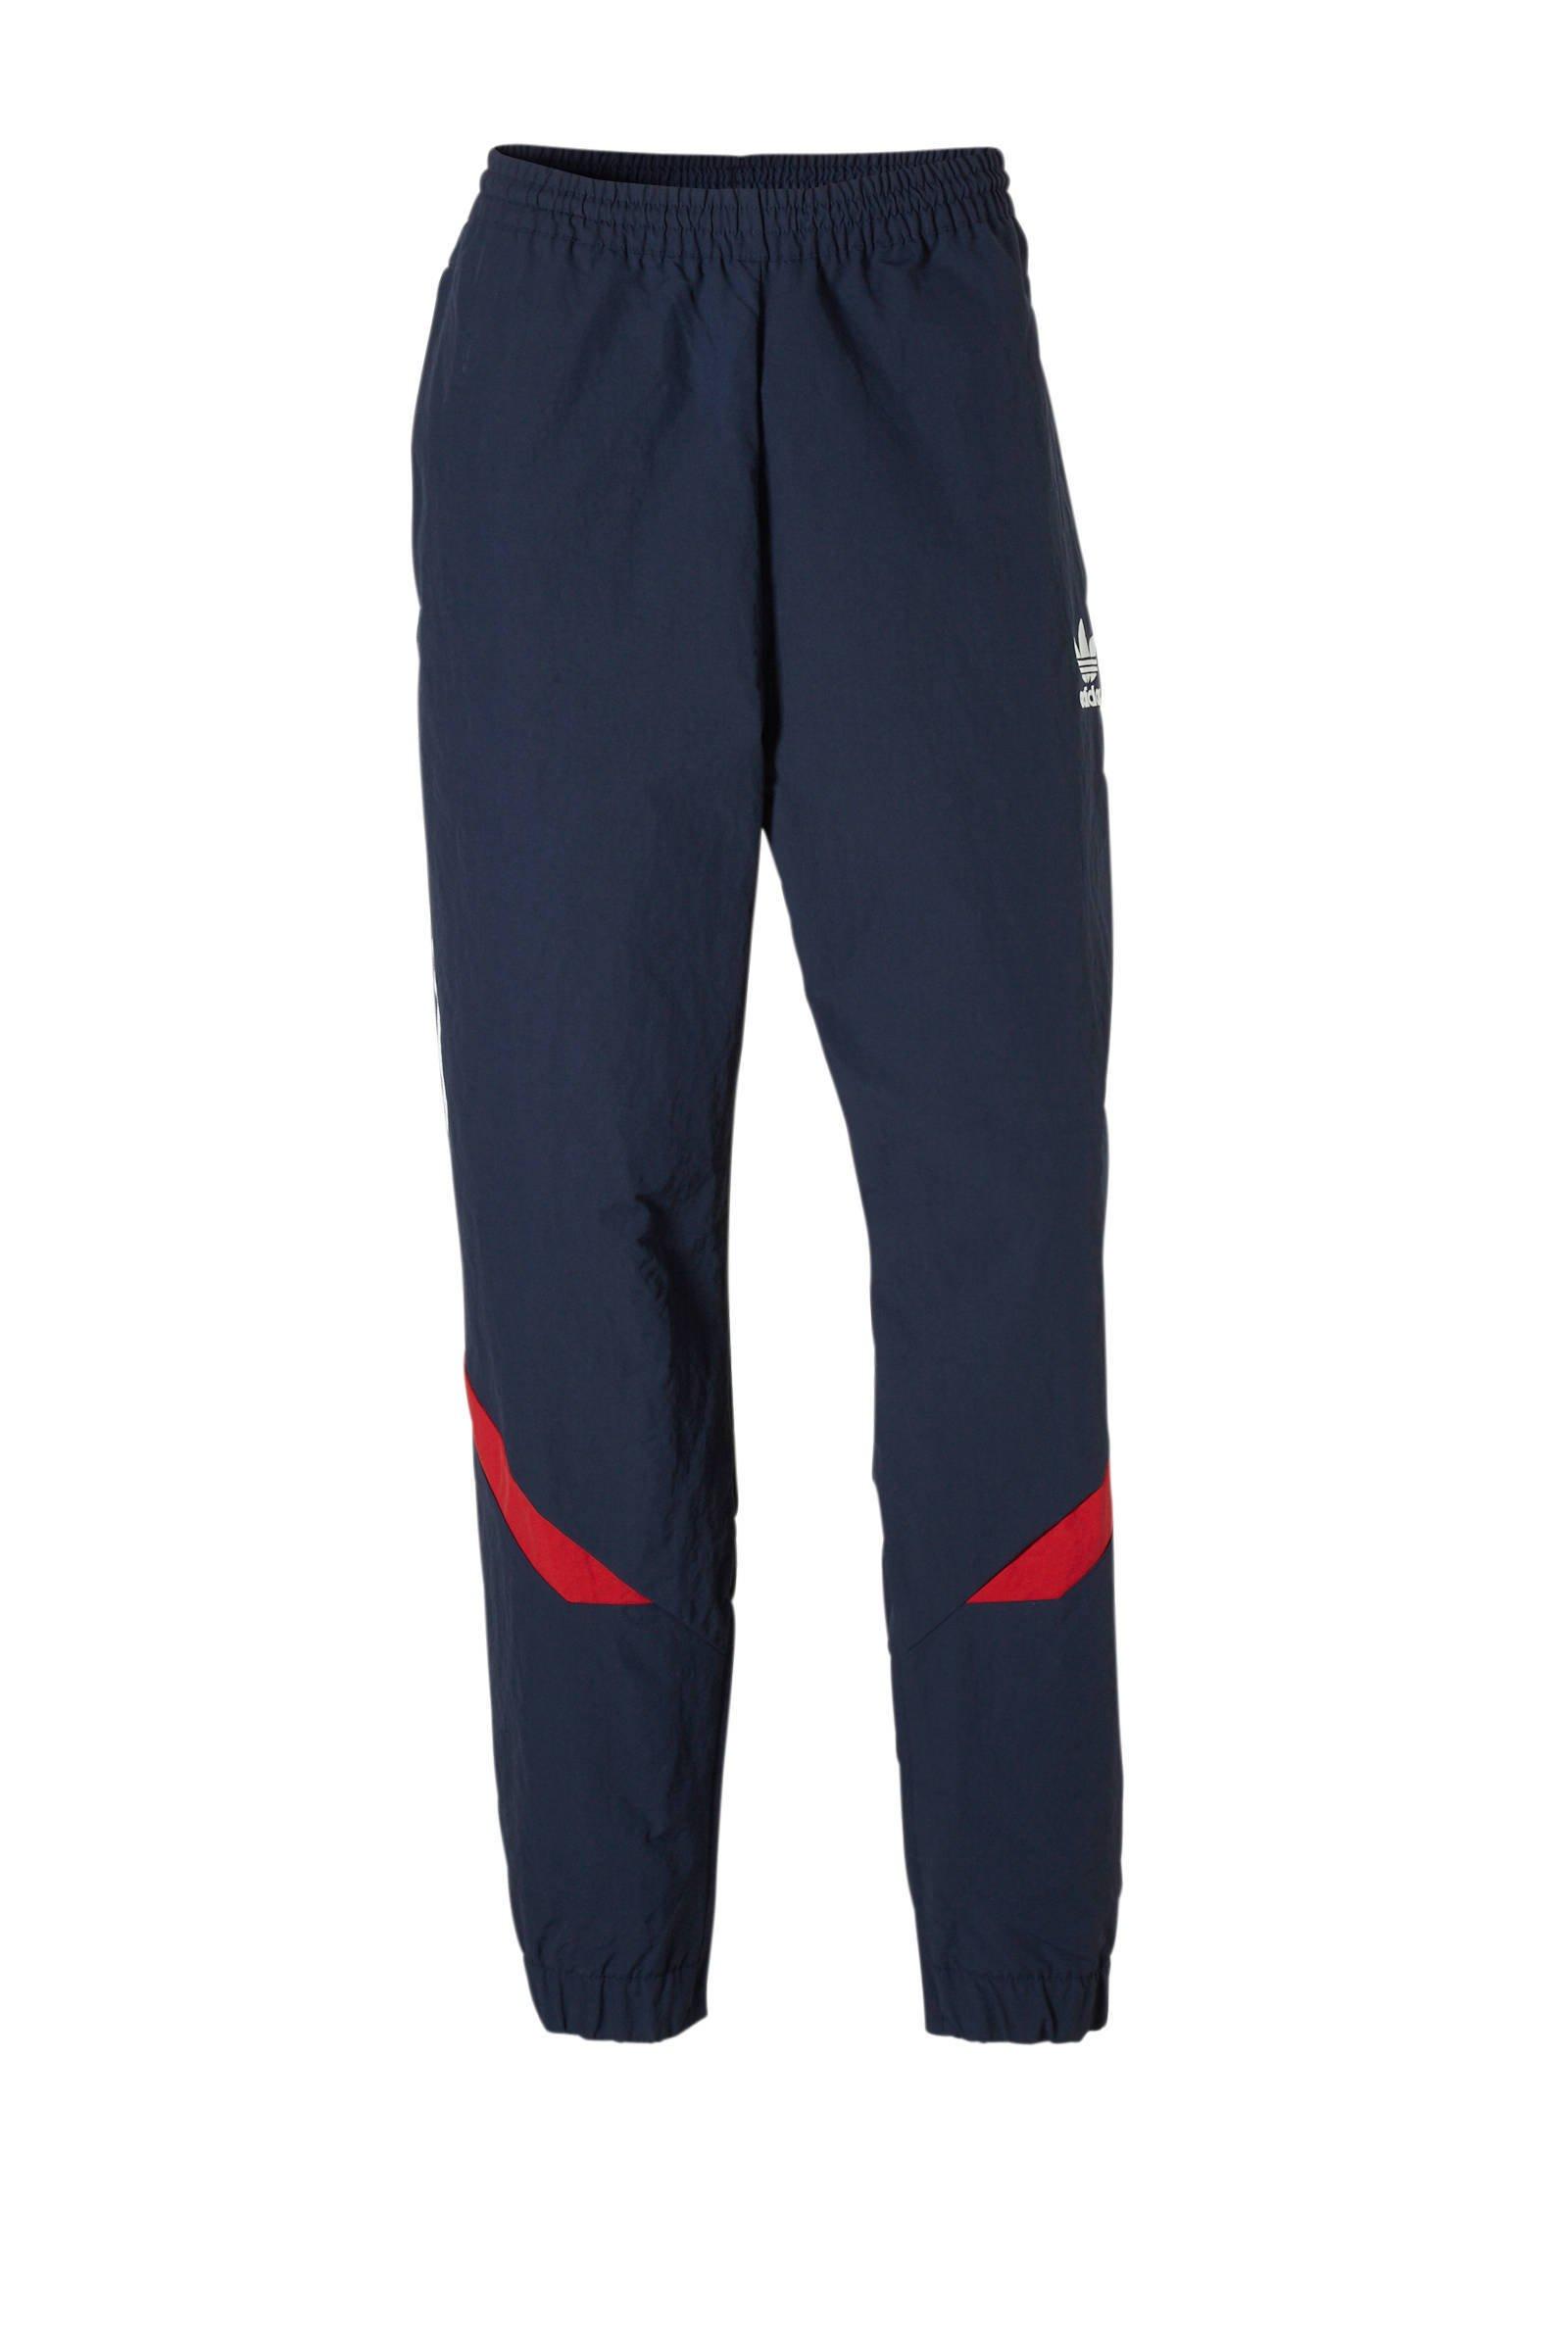 384bace6c0a Nieuwe collectie streetwear bij wehkamp - Gratis bezorging vanaf 20.-